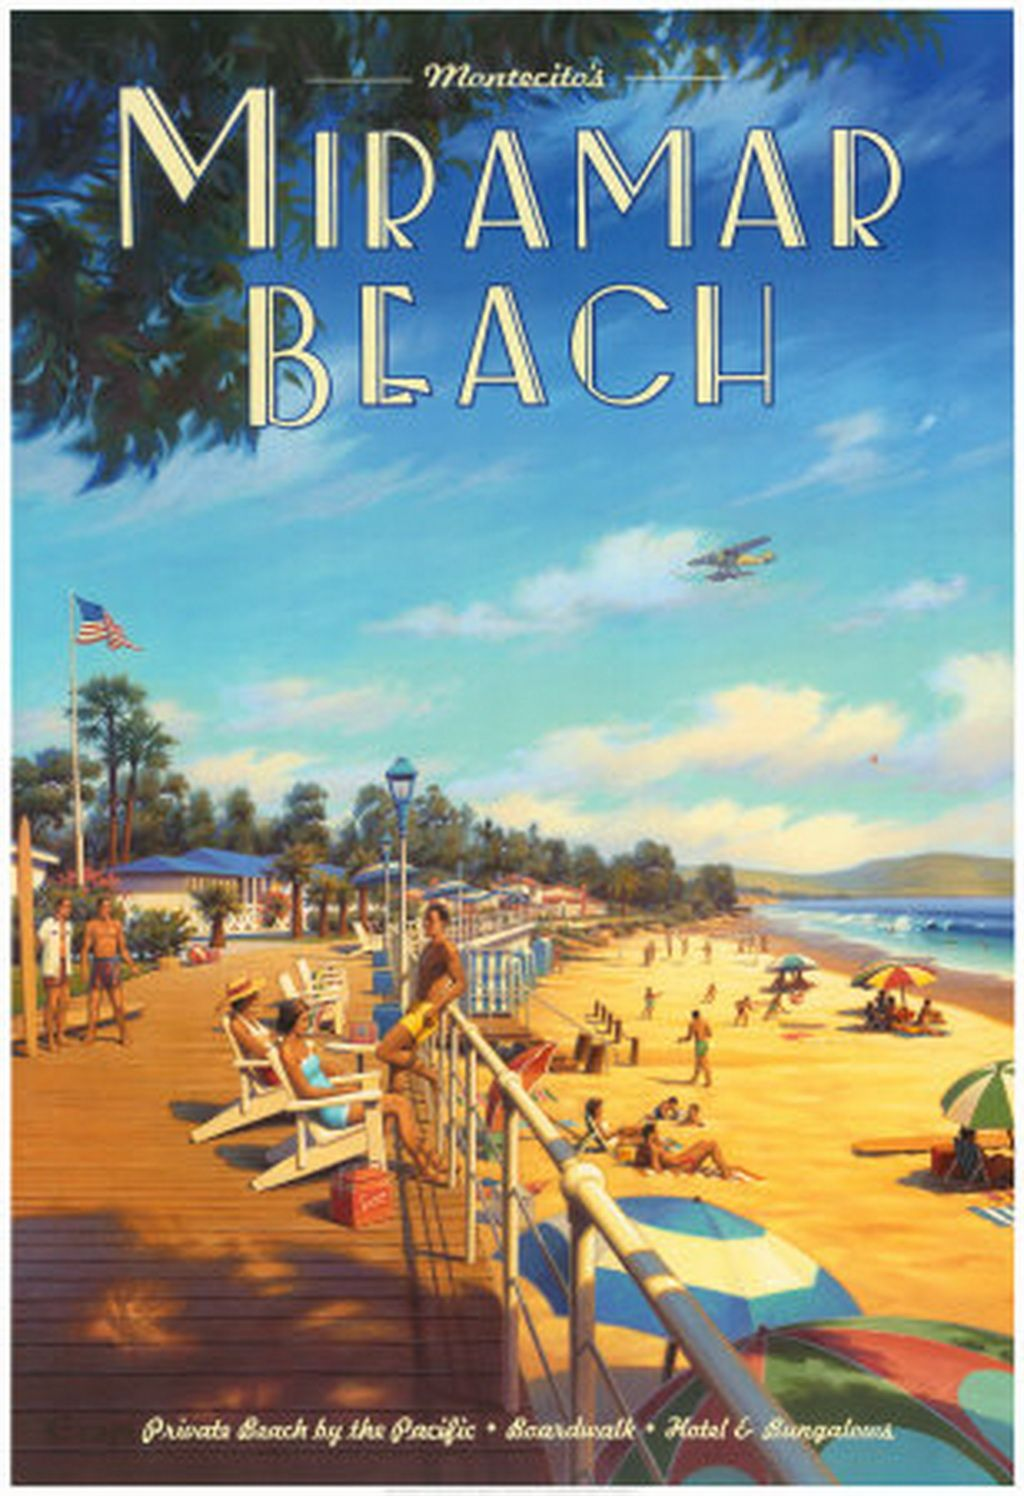 Kerne Erickson Miramar Beach Poster Vintage California Travel Visit